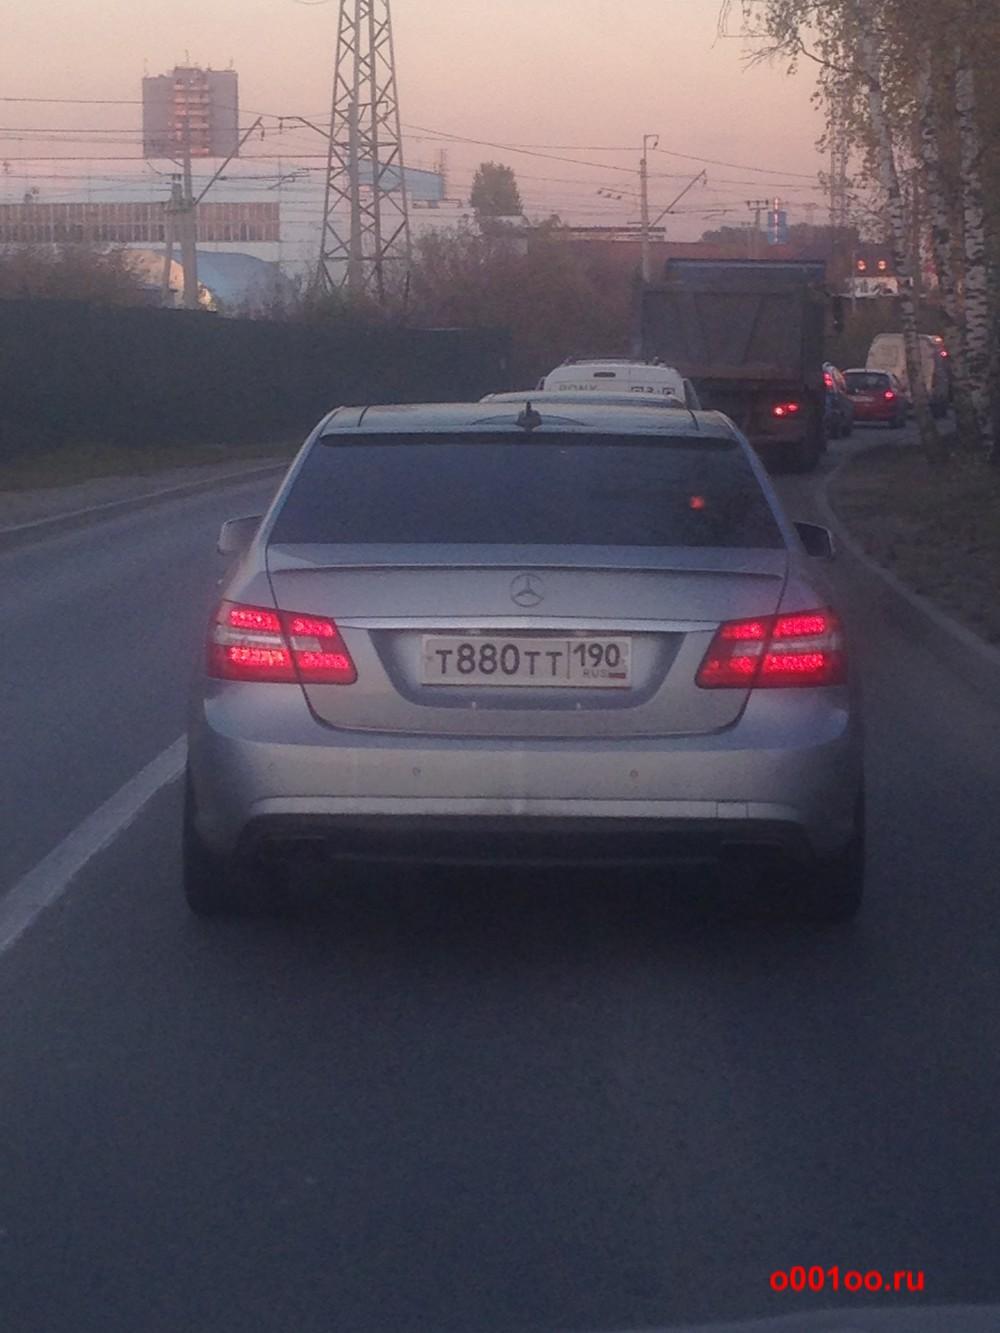 т880тт190